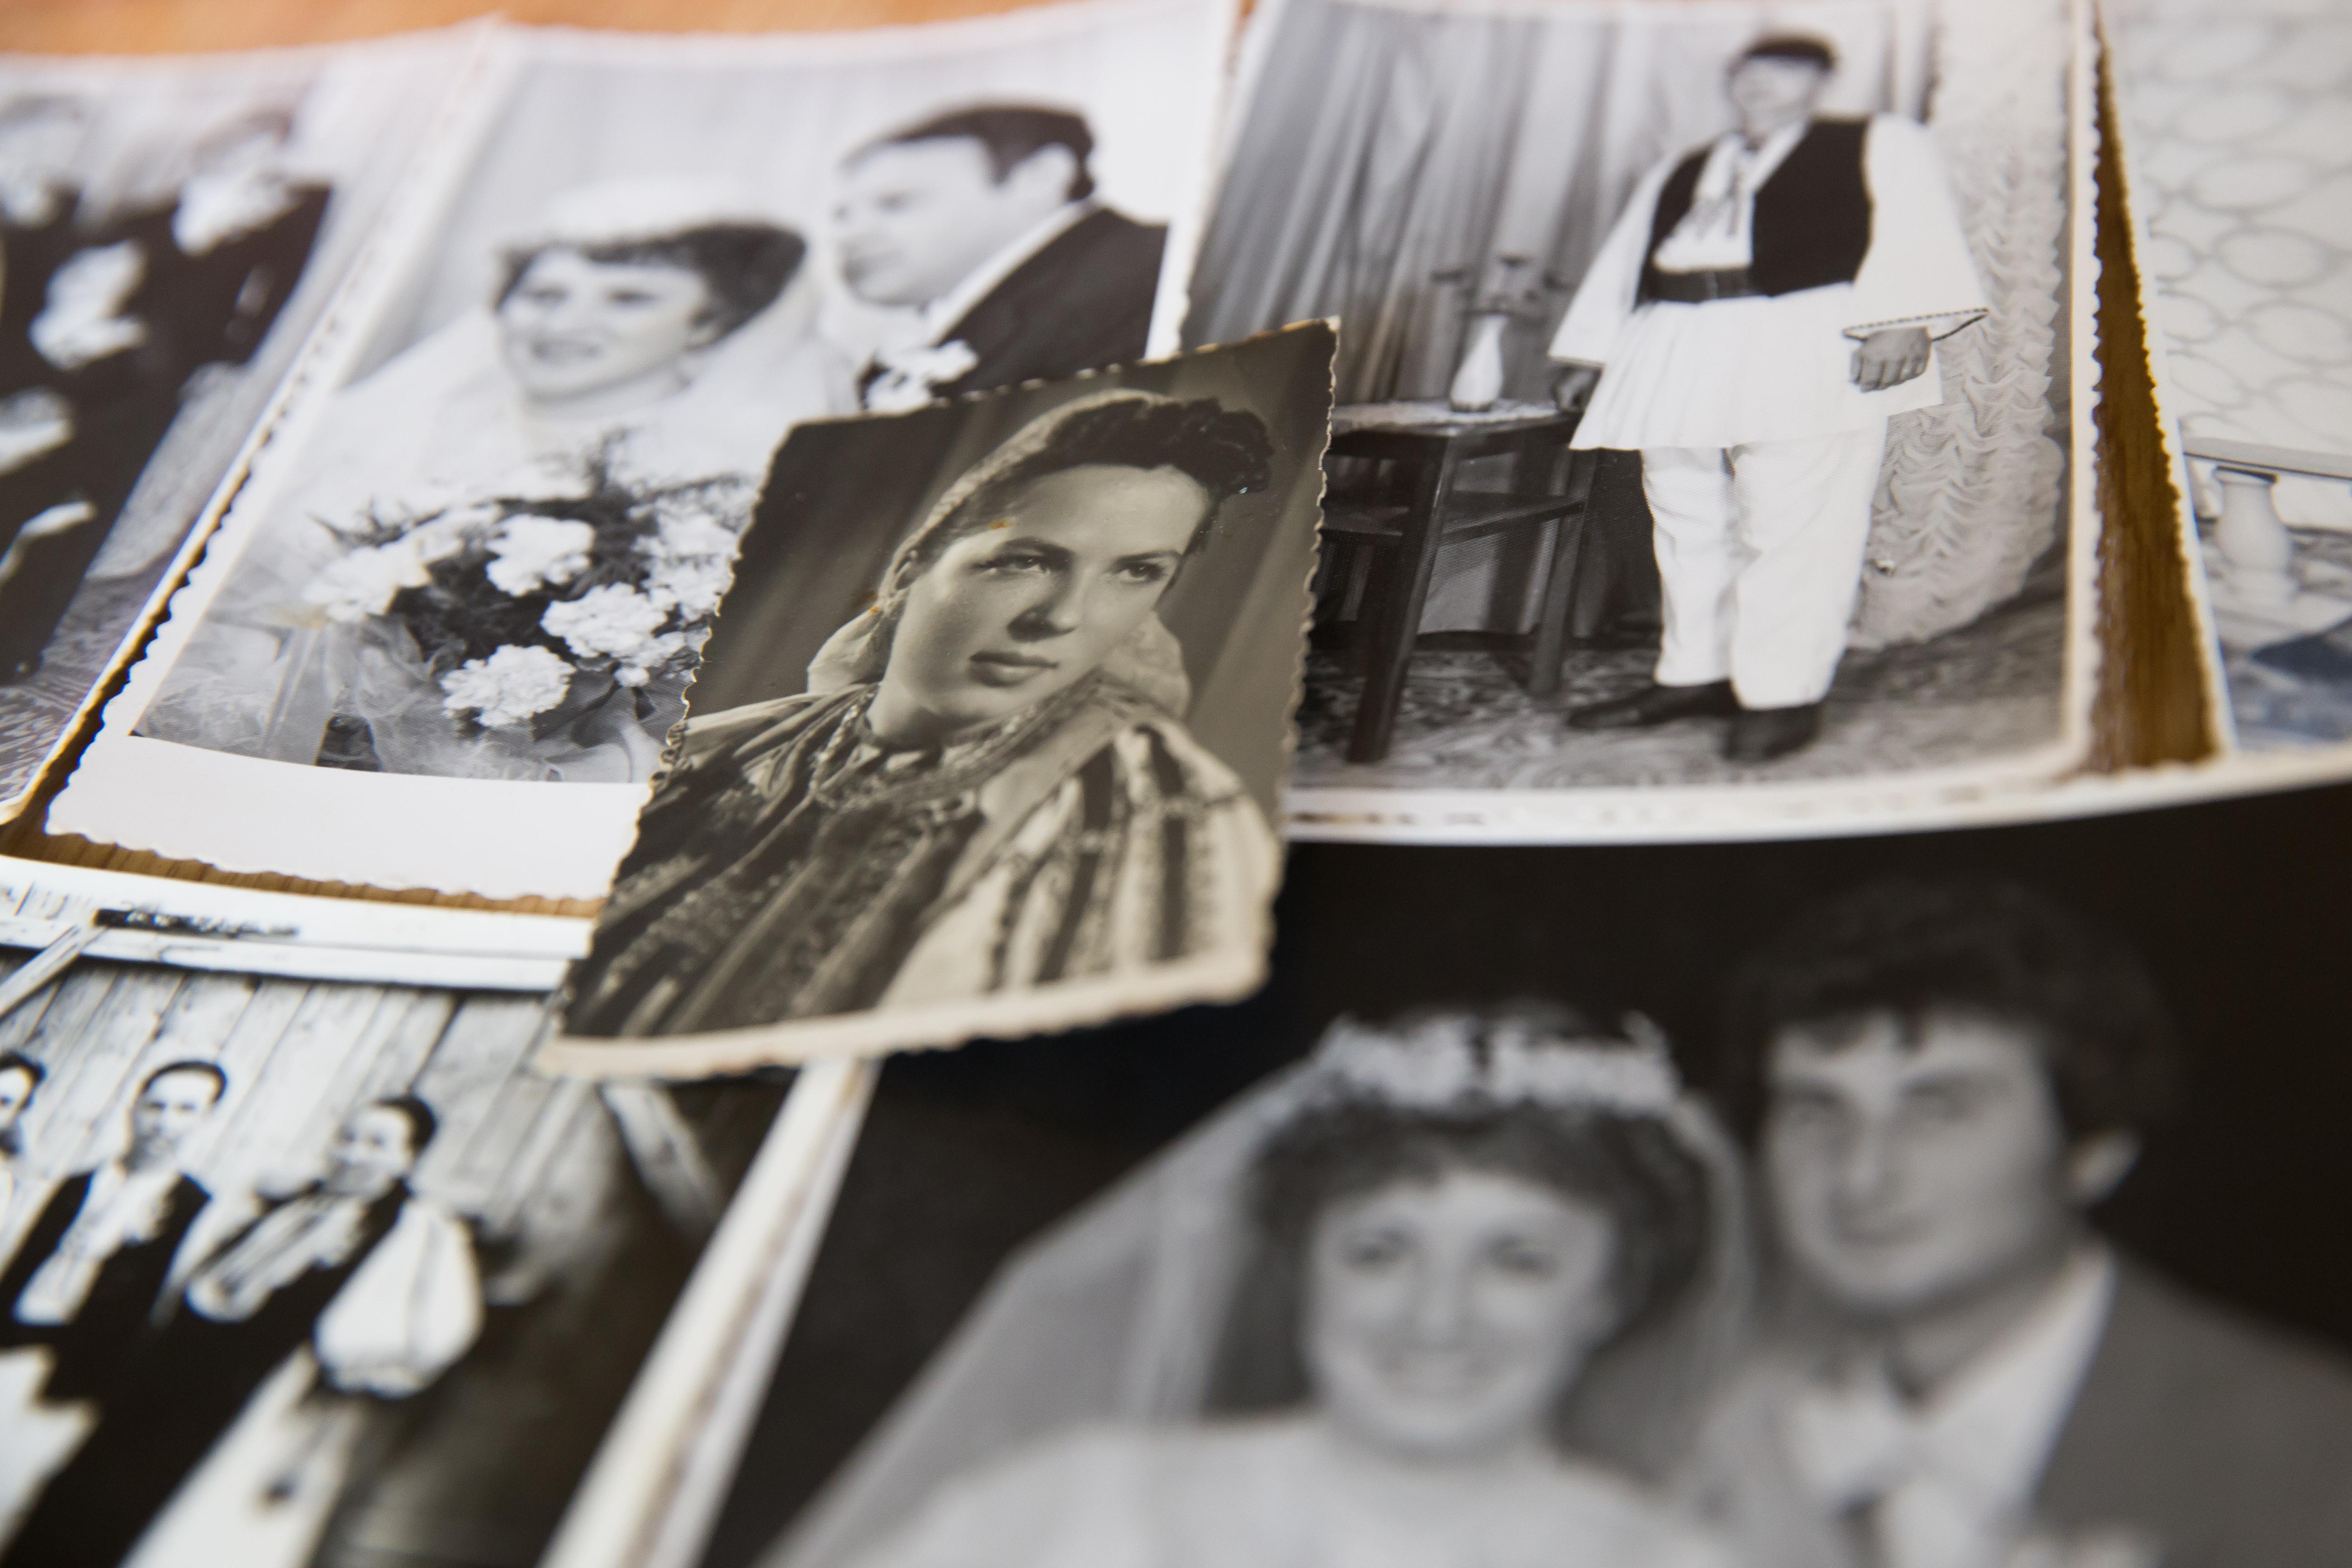 Fotografie De Nuntă De La Una La O Mie De Imagini Sibiu 100